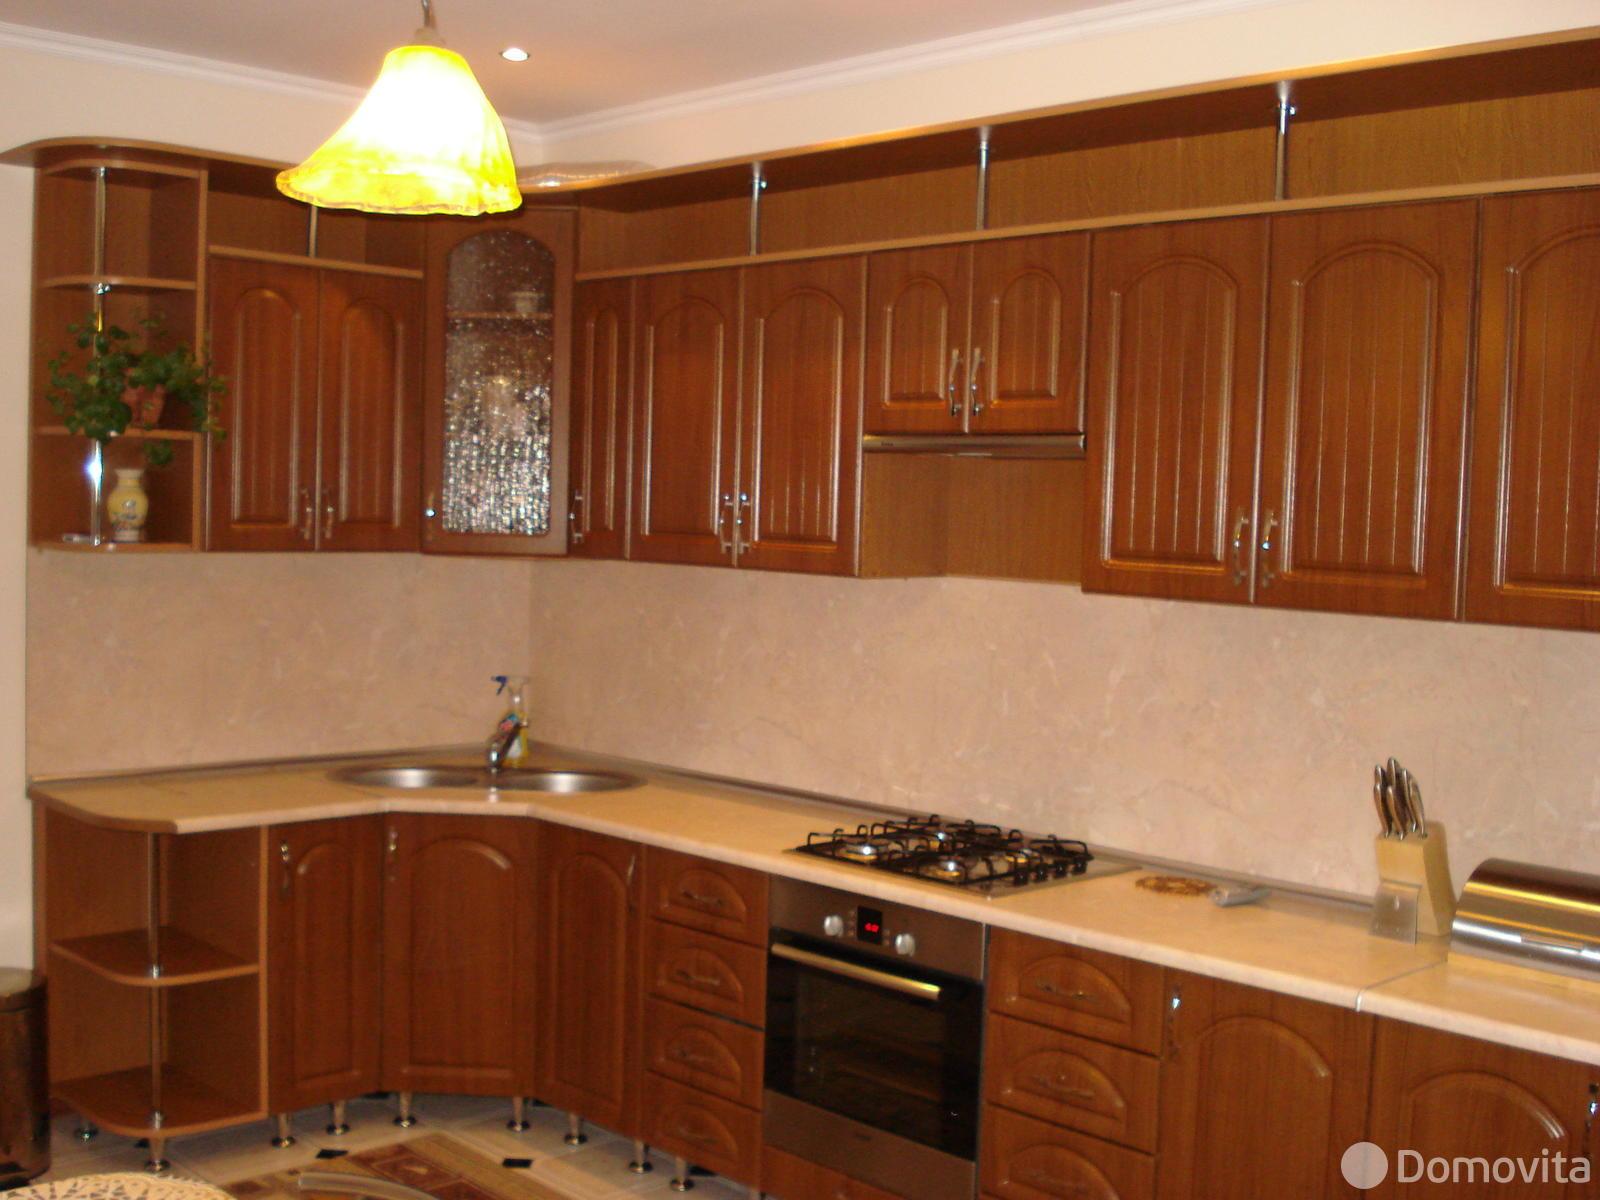 3-комнатная квартира на сутки в Волковыске, Волковысский район, ул. Горбатова, д. 20 - фото 1